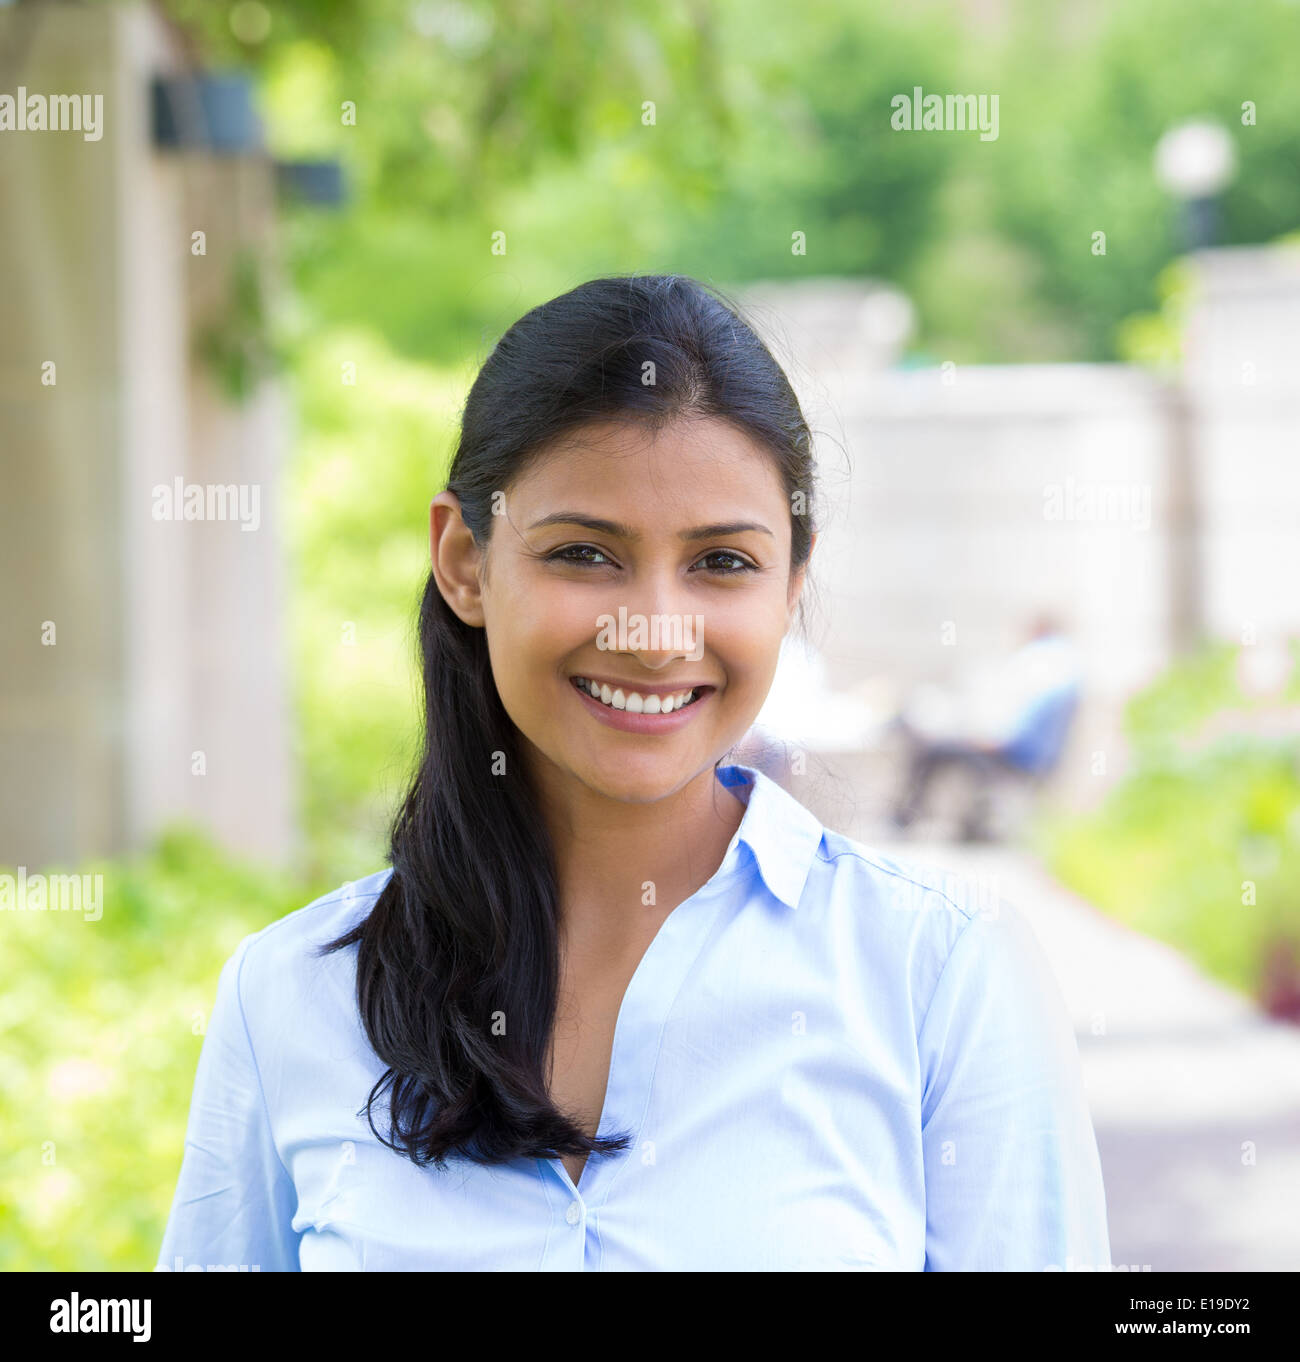 Headshot beautiful woman - Stock Image